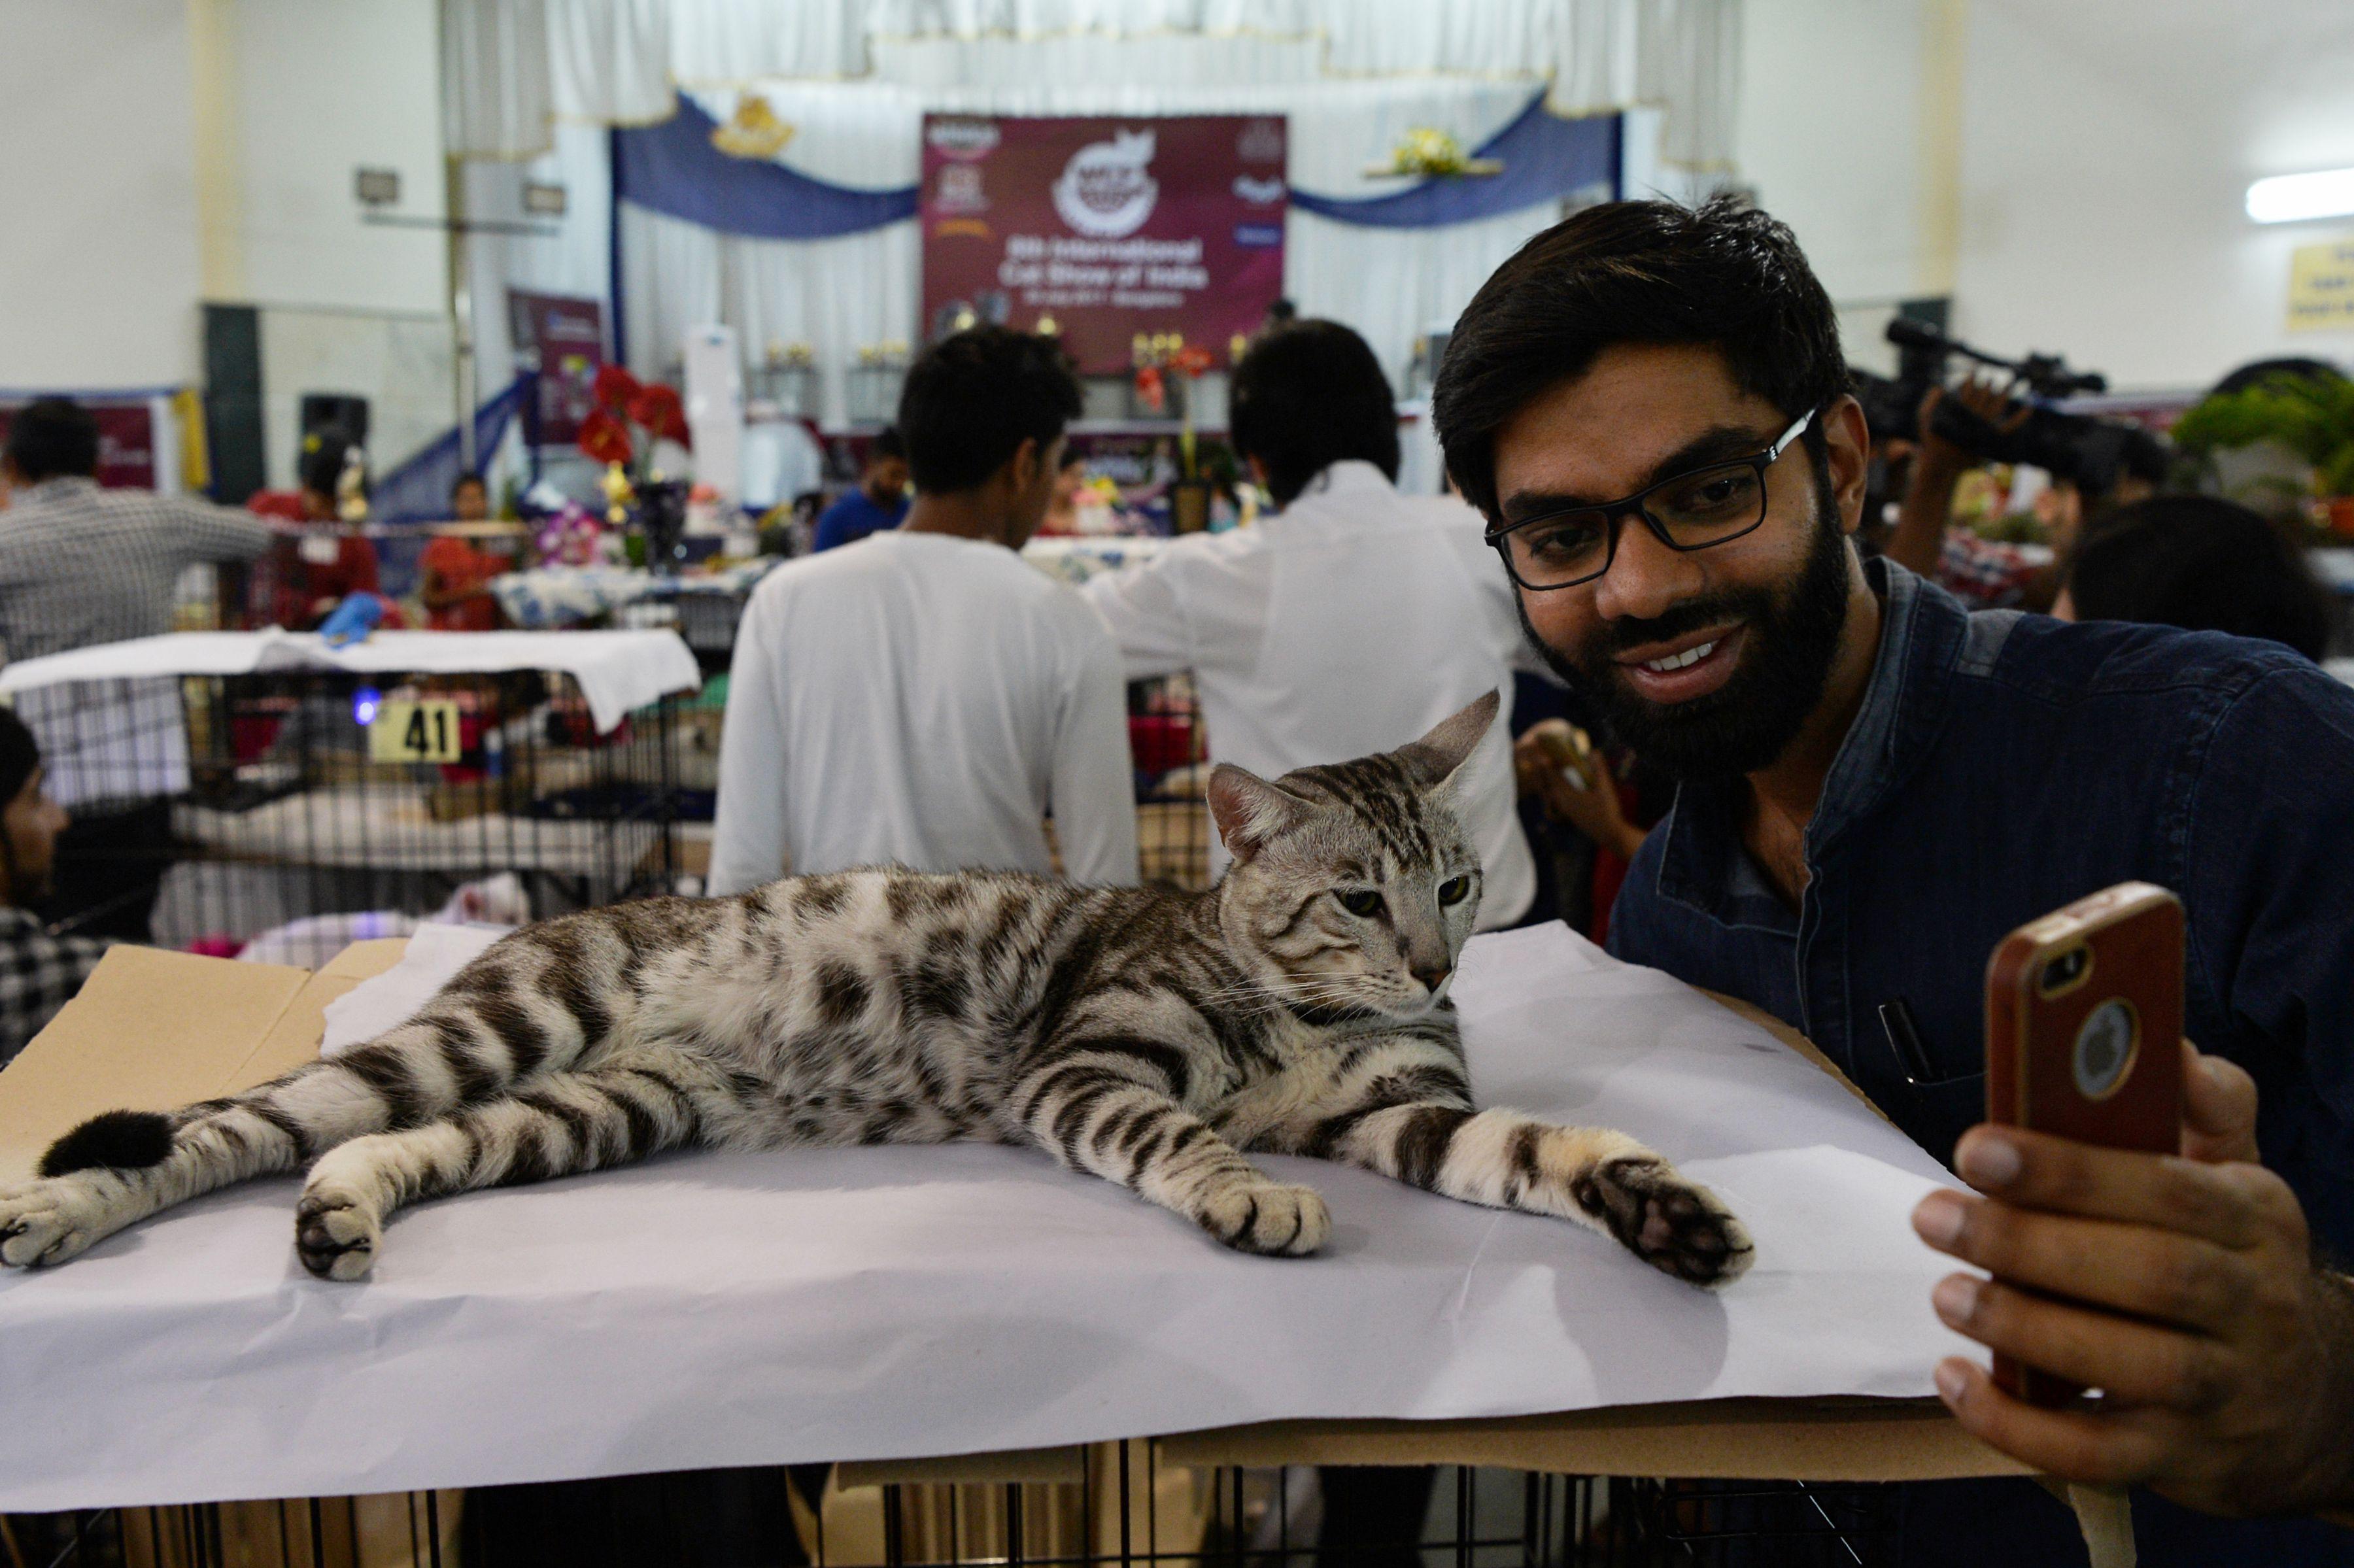 سيلفى مع القطط فى المعرض الدولى بالهند